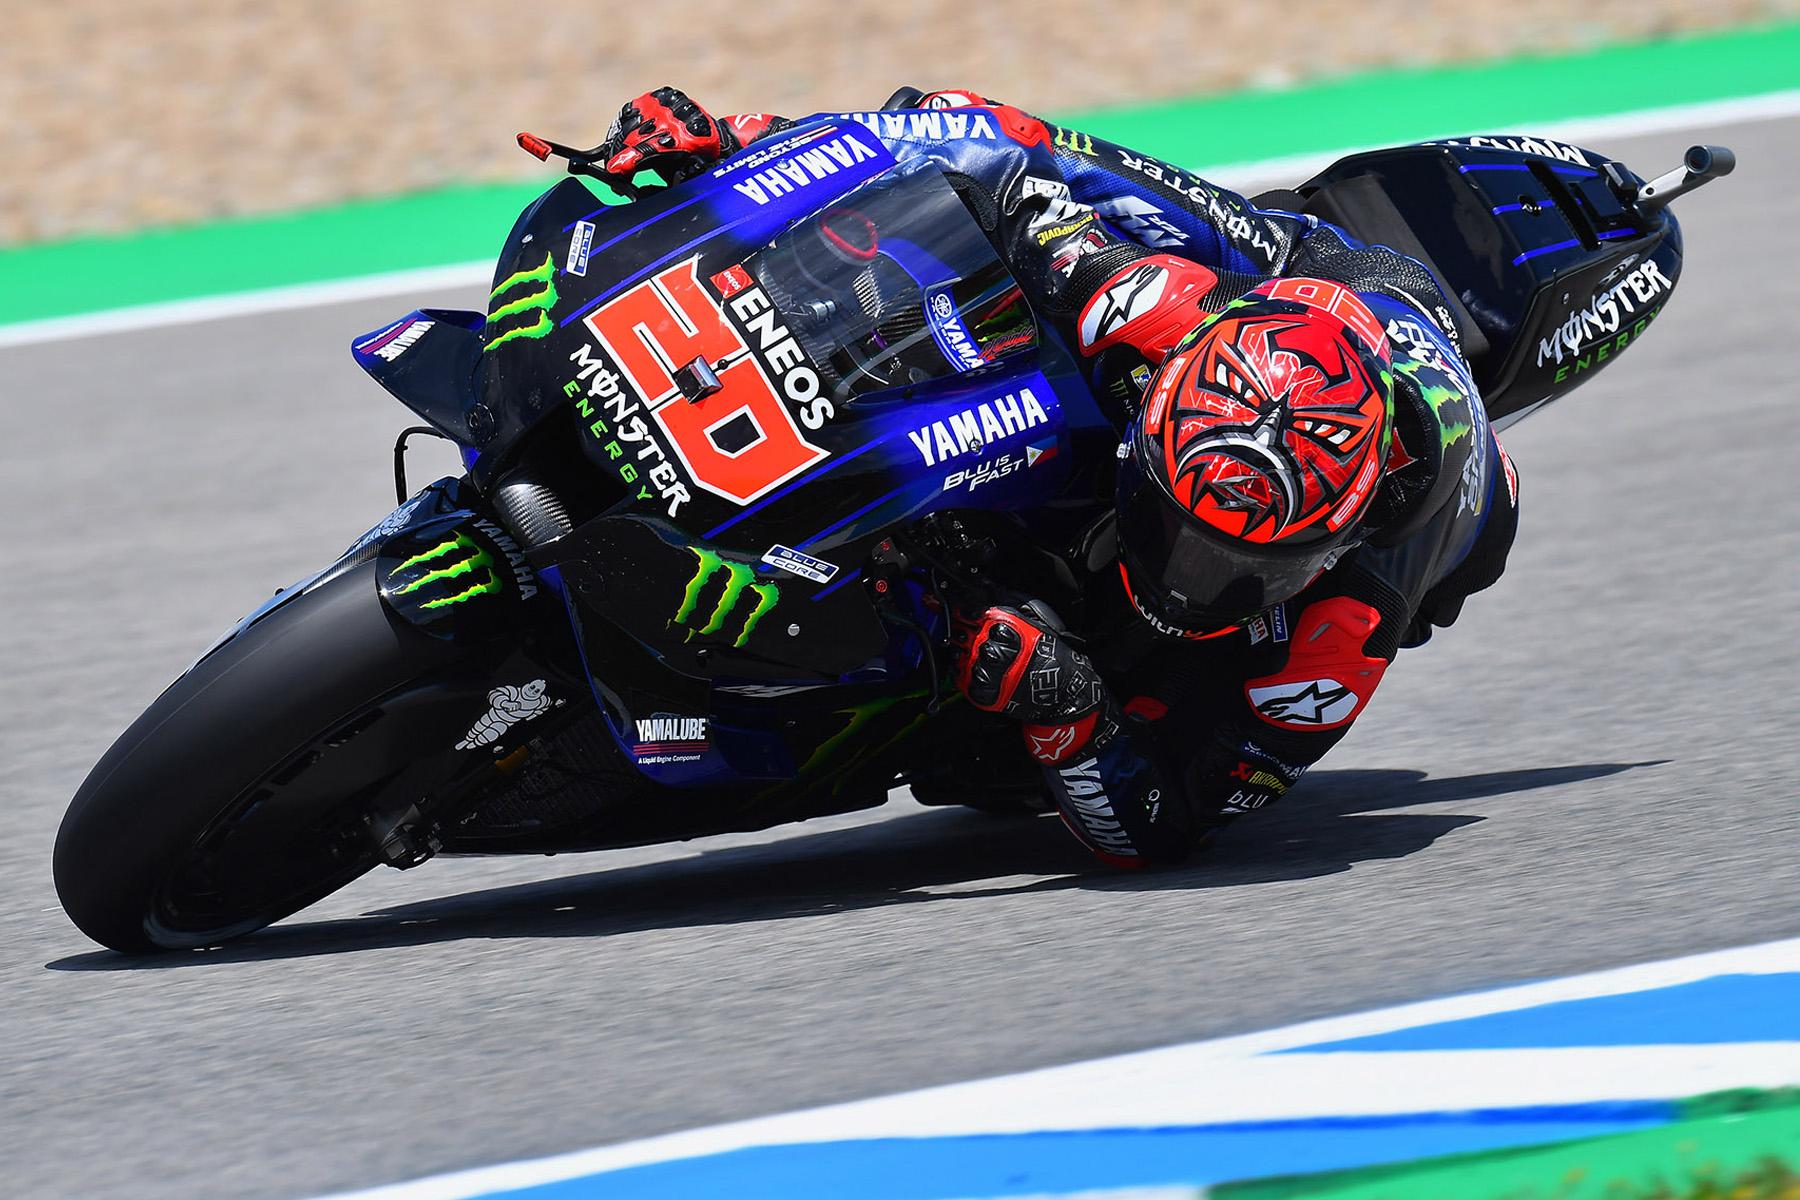 Fabio Quartararo ejerce de líder y se lleva la pole en Jerez, Márquez saldrá 14º - Motorbike Magazine